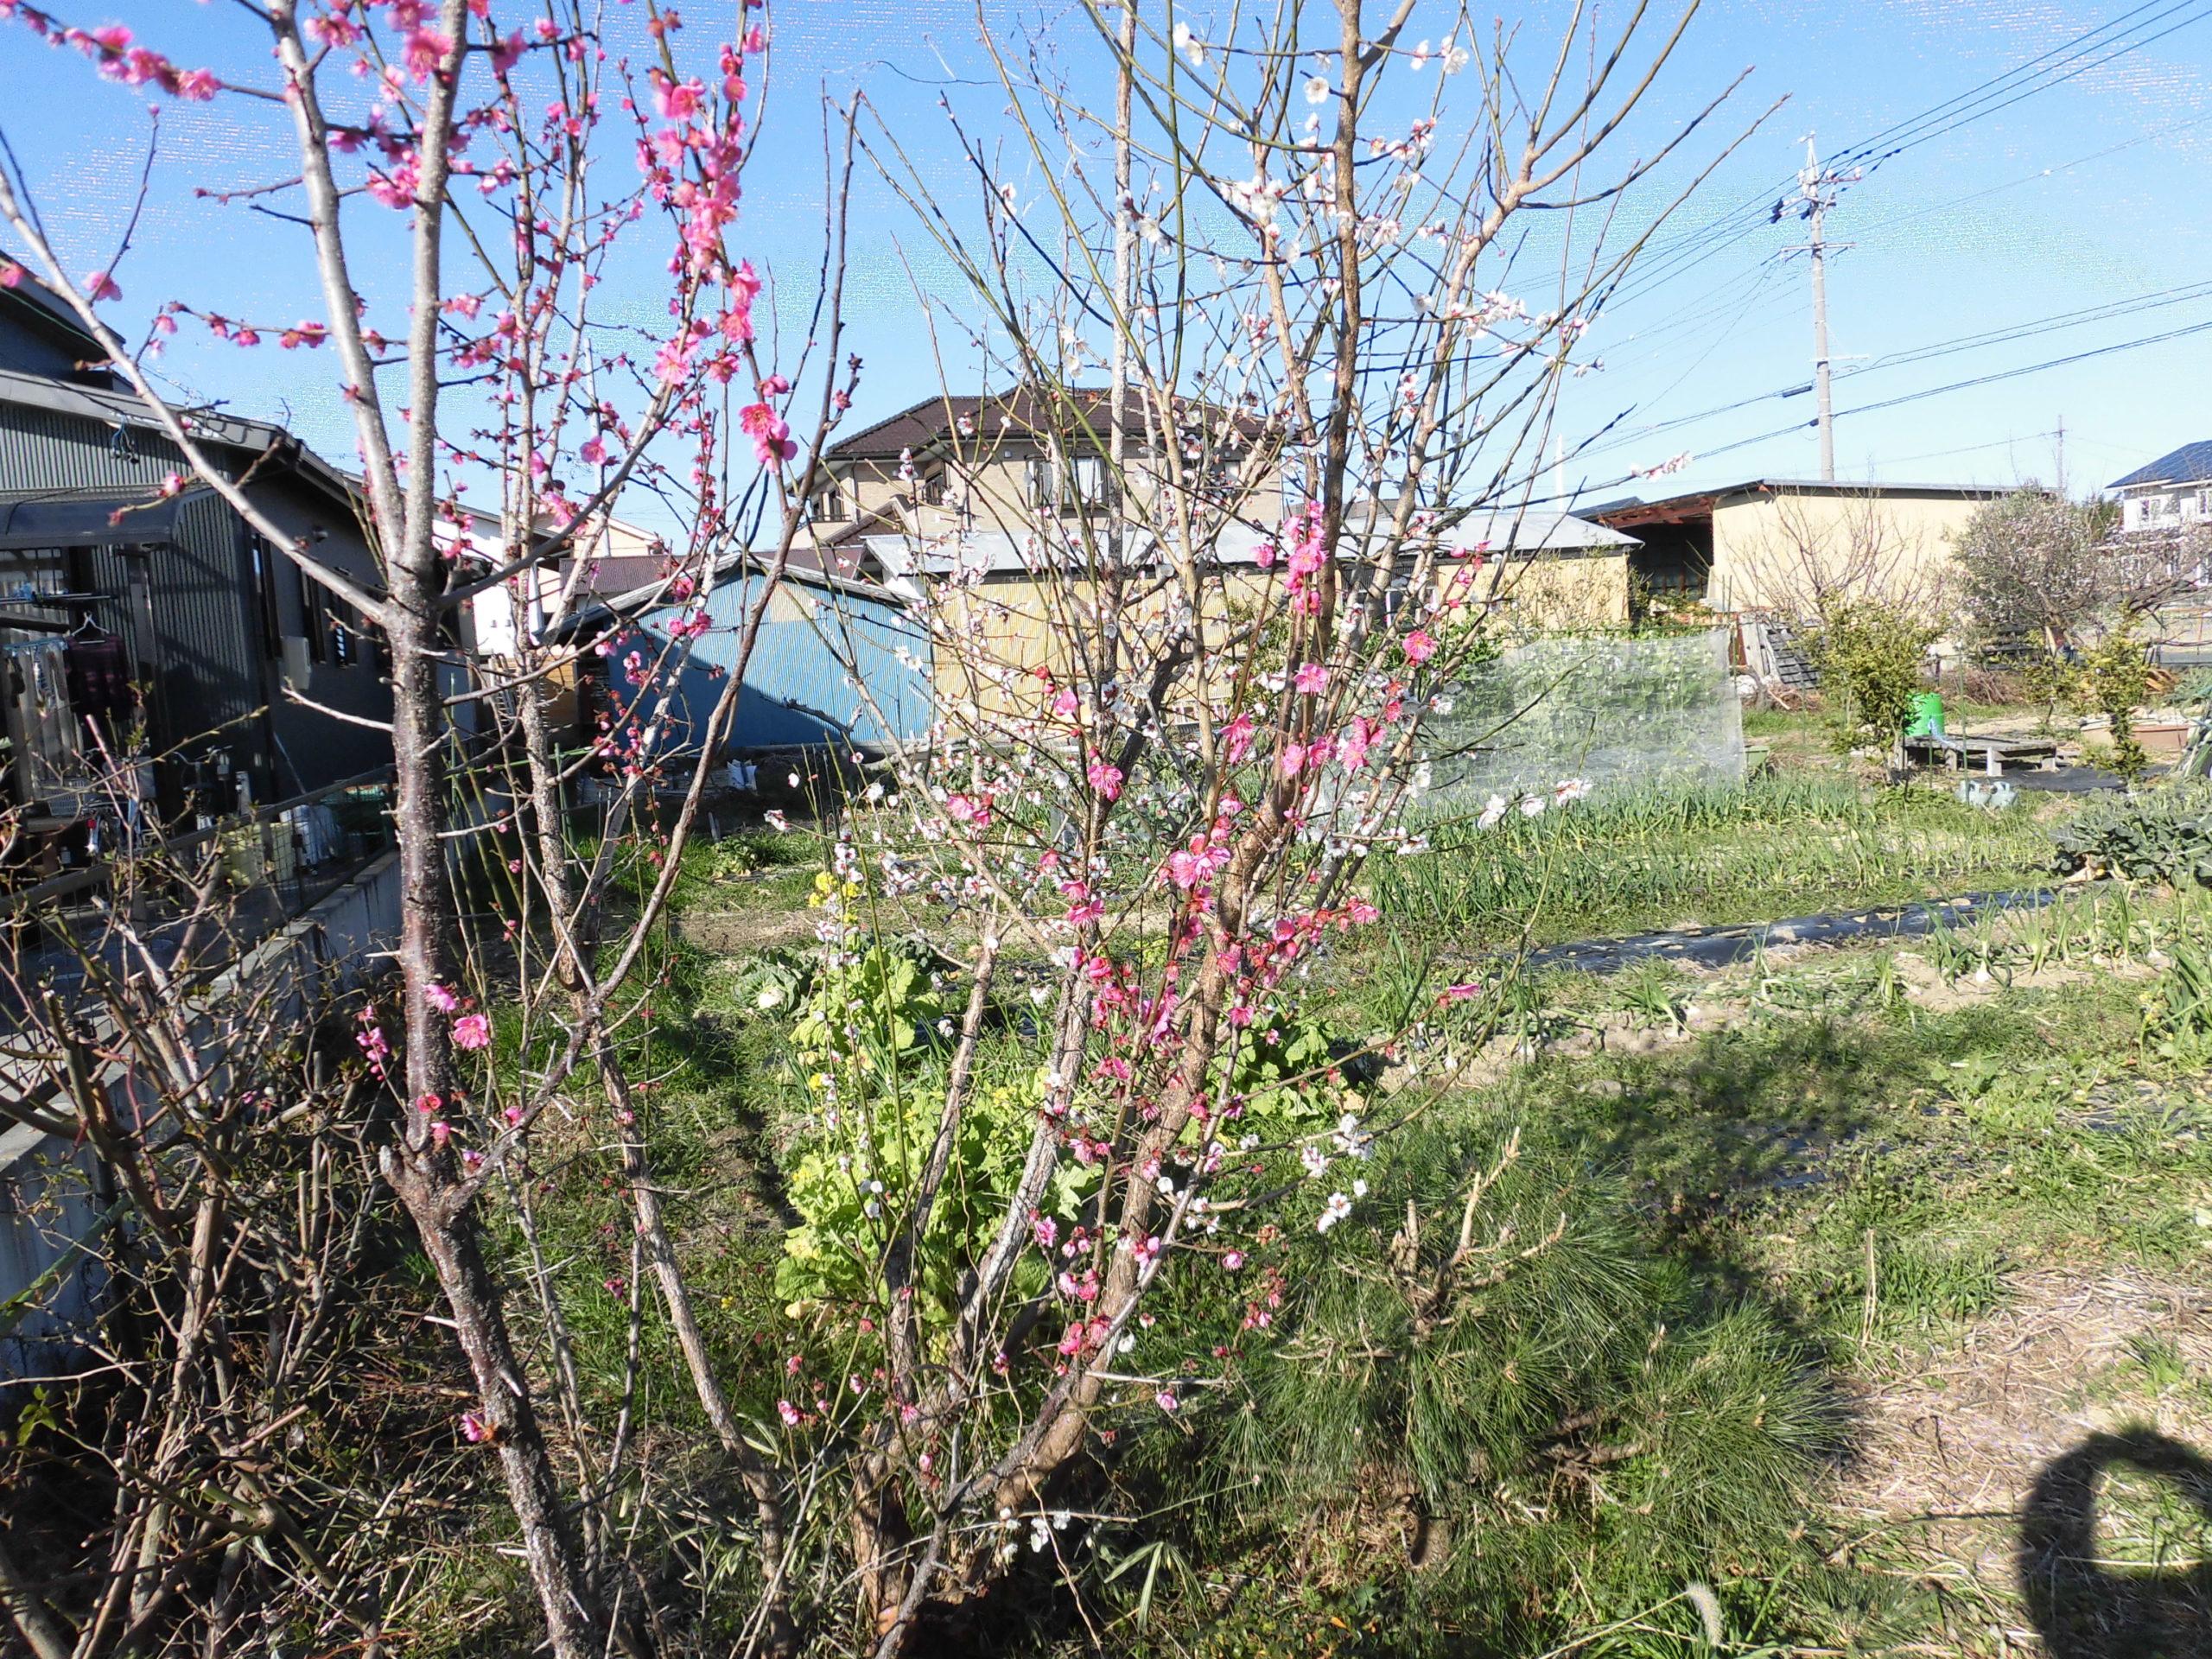 野菜栽培士が菜園を公開!立春の菜園で今年の豊作を祈る!